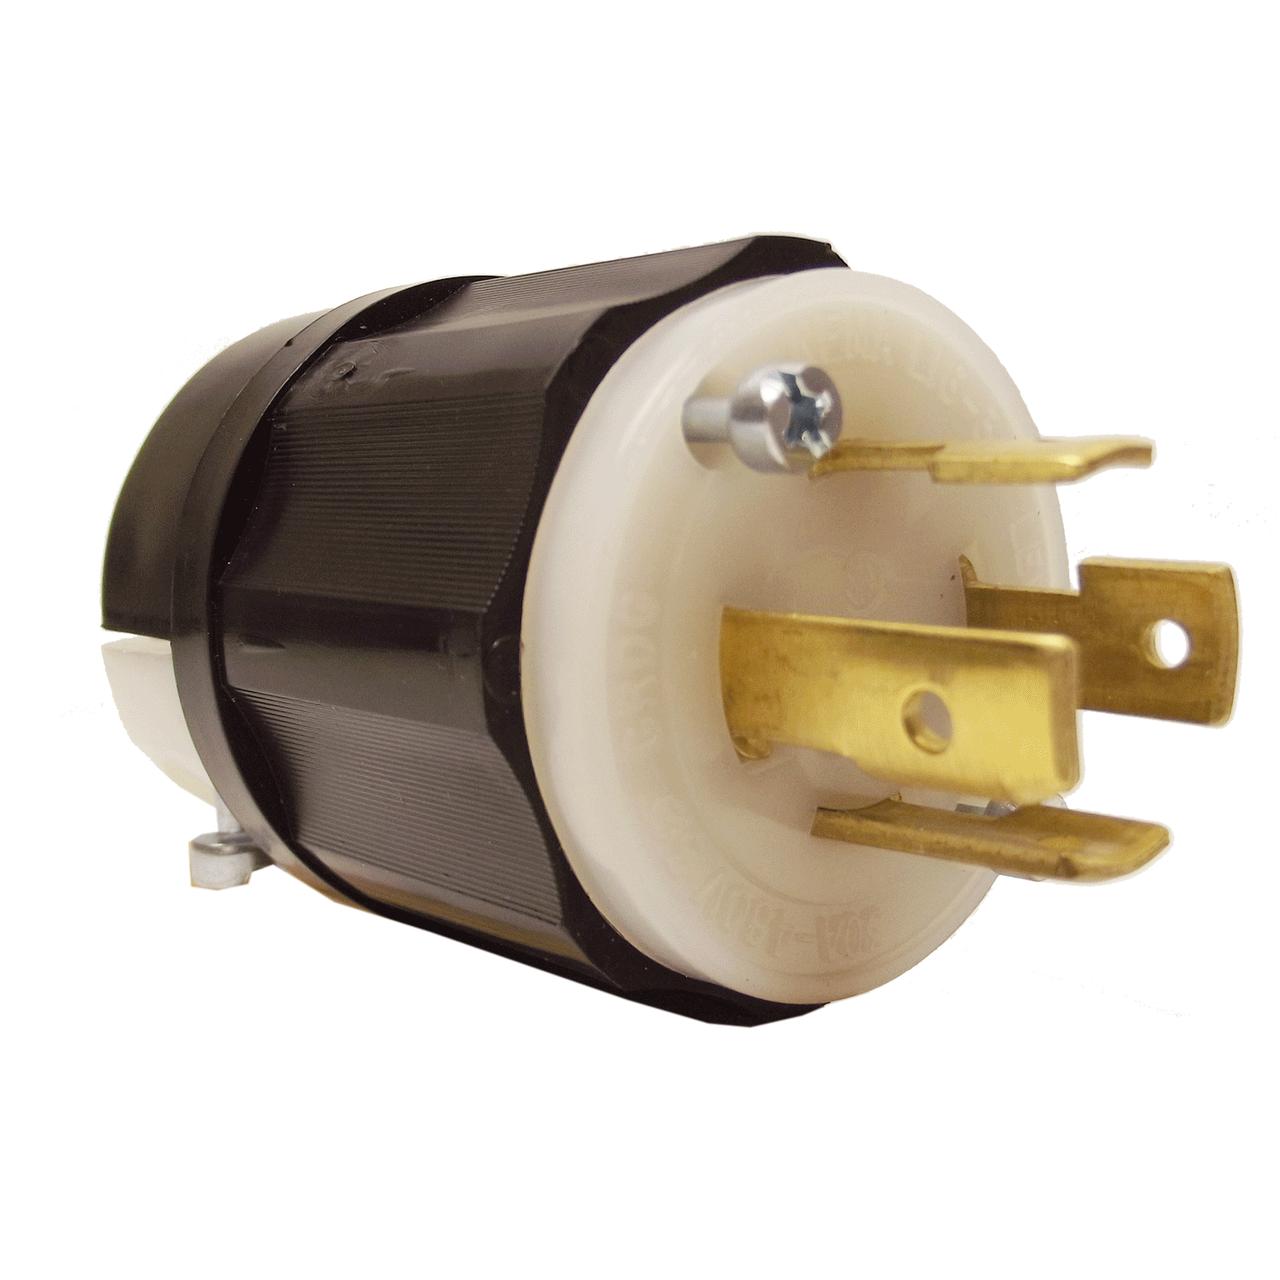 Leviton 2441 20 Amp 120 208 Volt 3 Phase Y 4 Pole Locking Plug Four